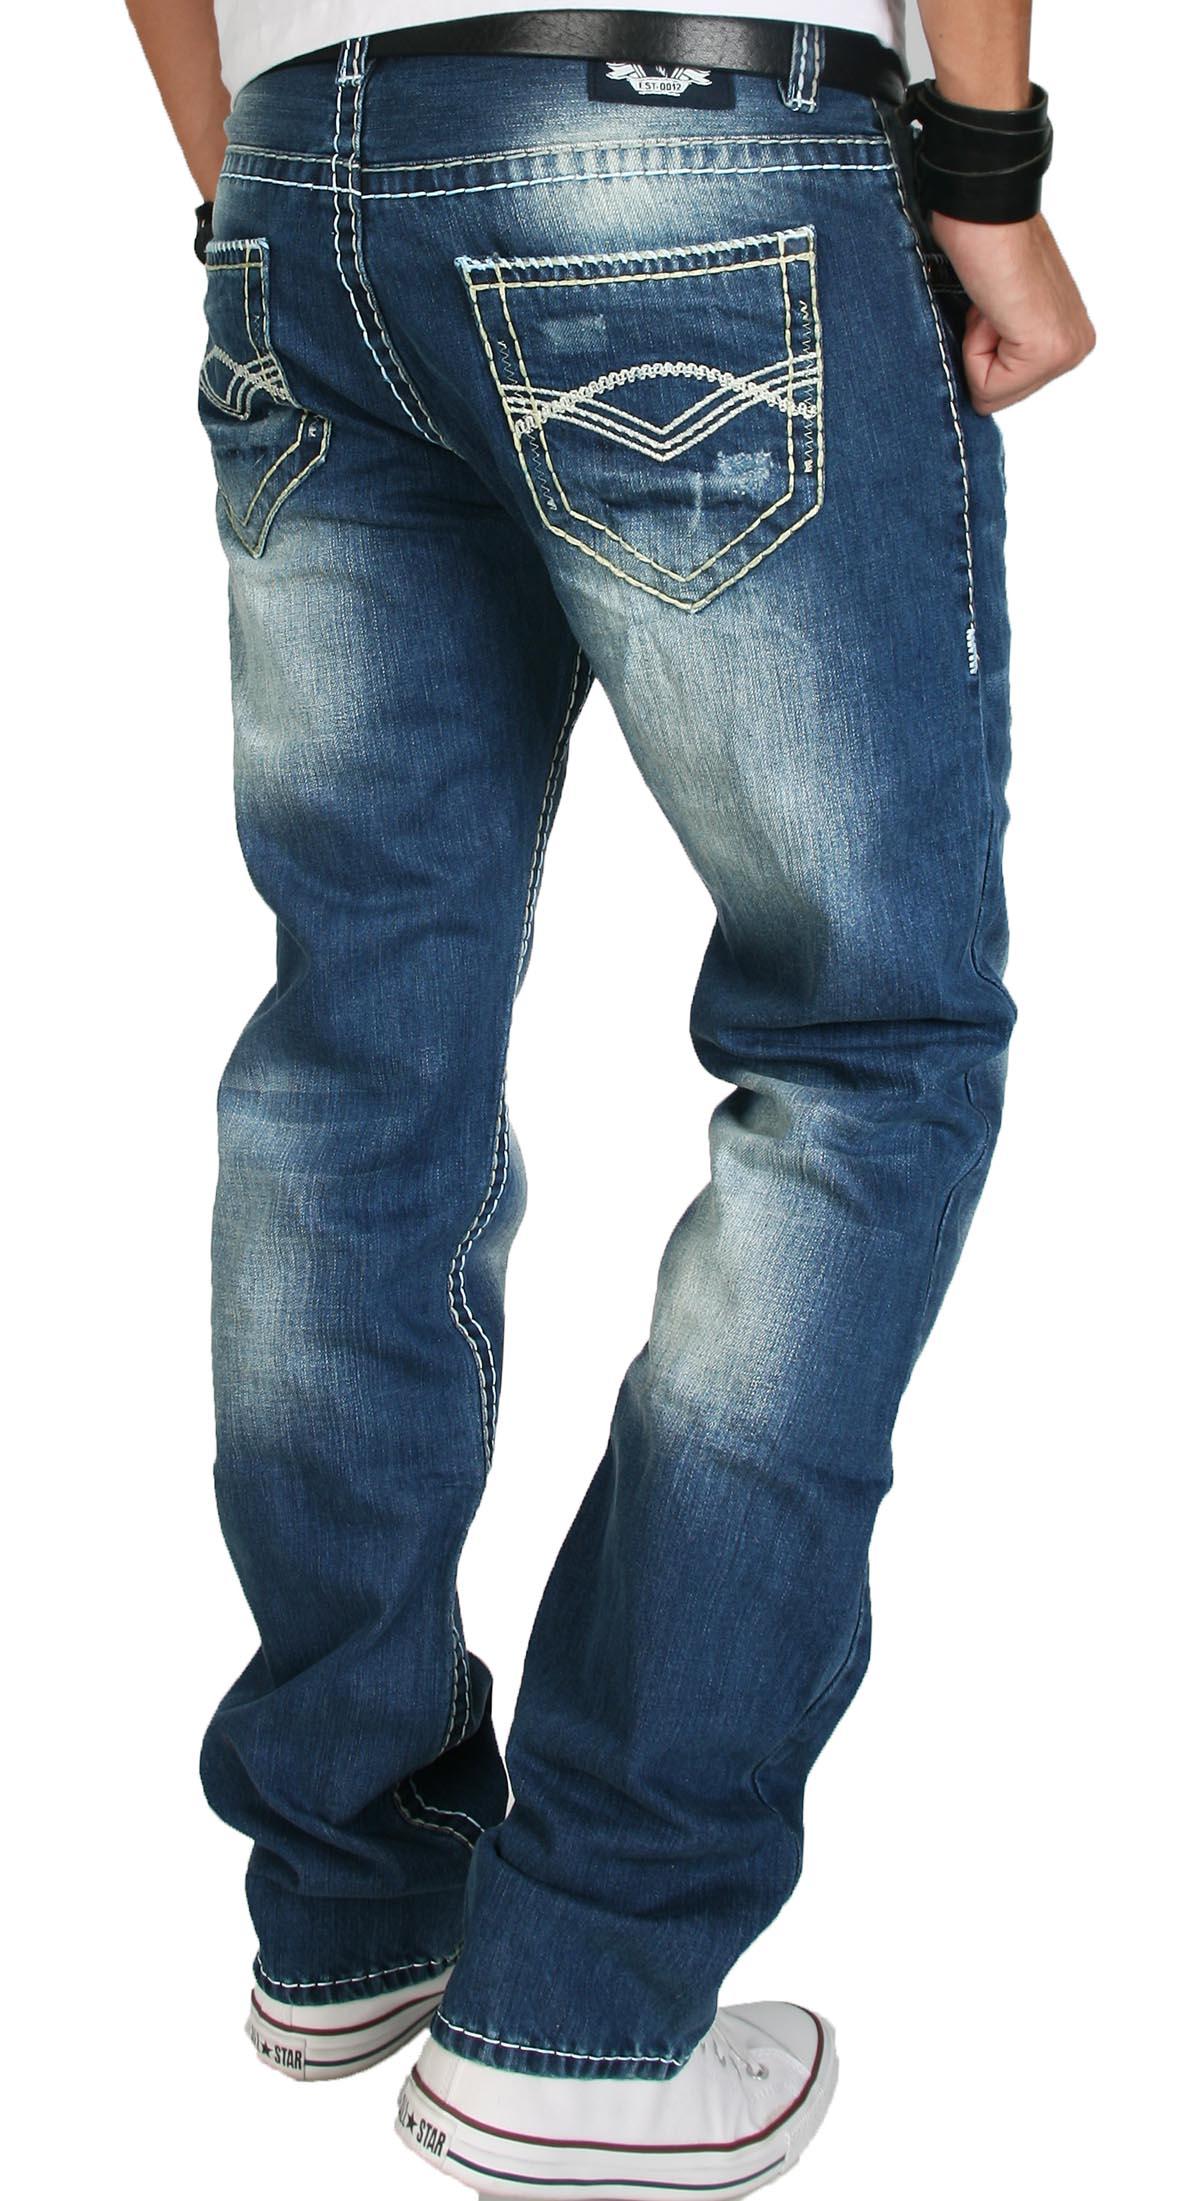 rock creek herren designer jeans hose blau dicke naht. Black Bedroom Furniture Sets. Home Design Ideas